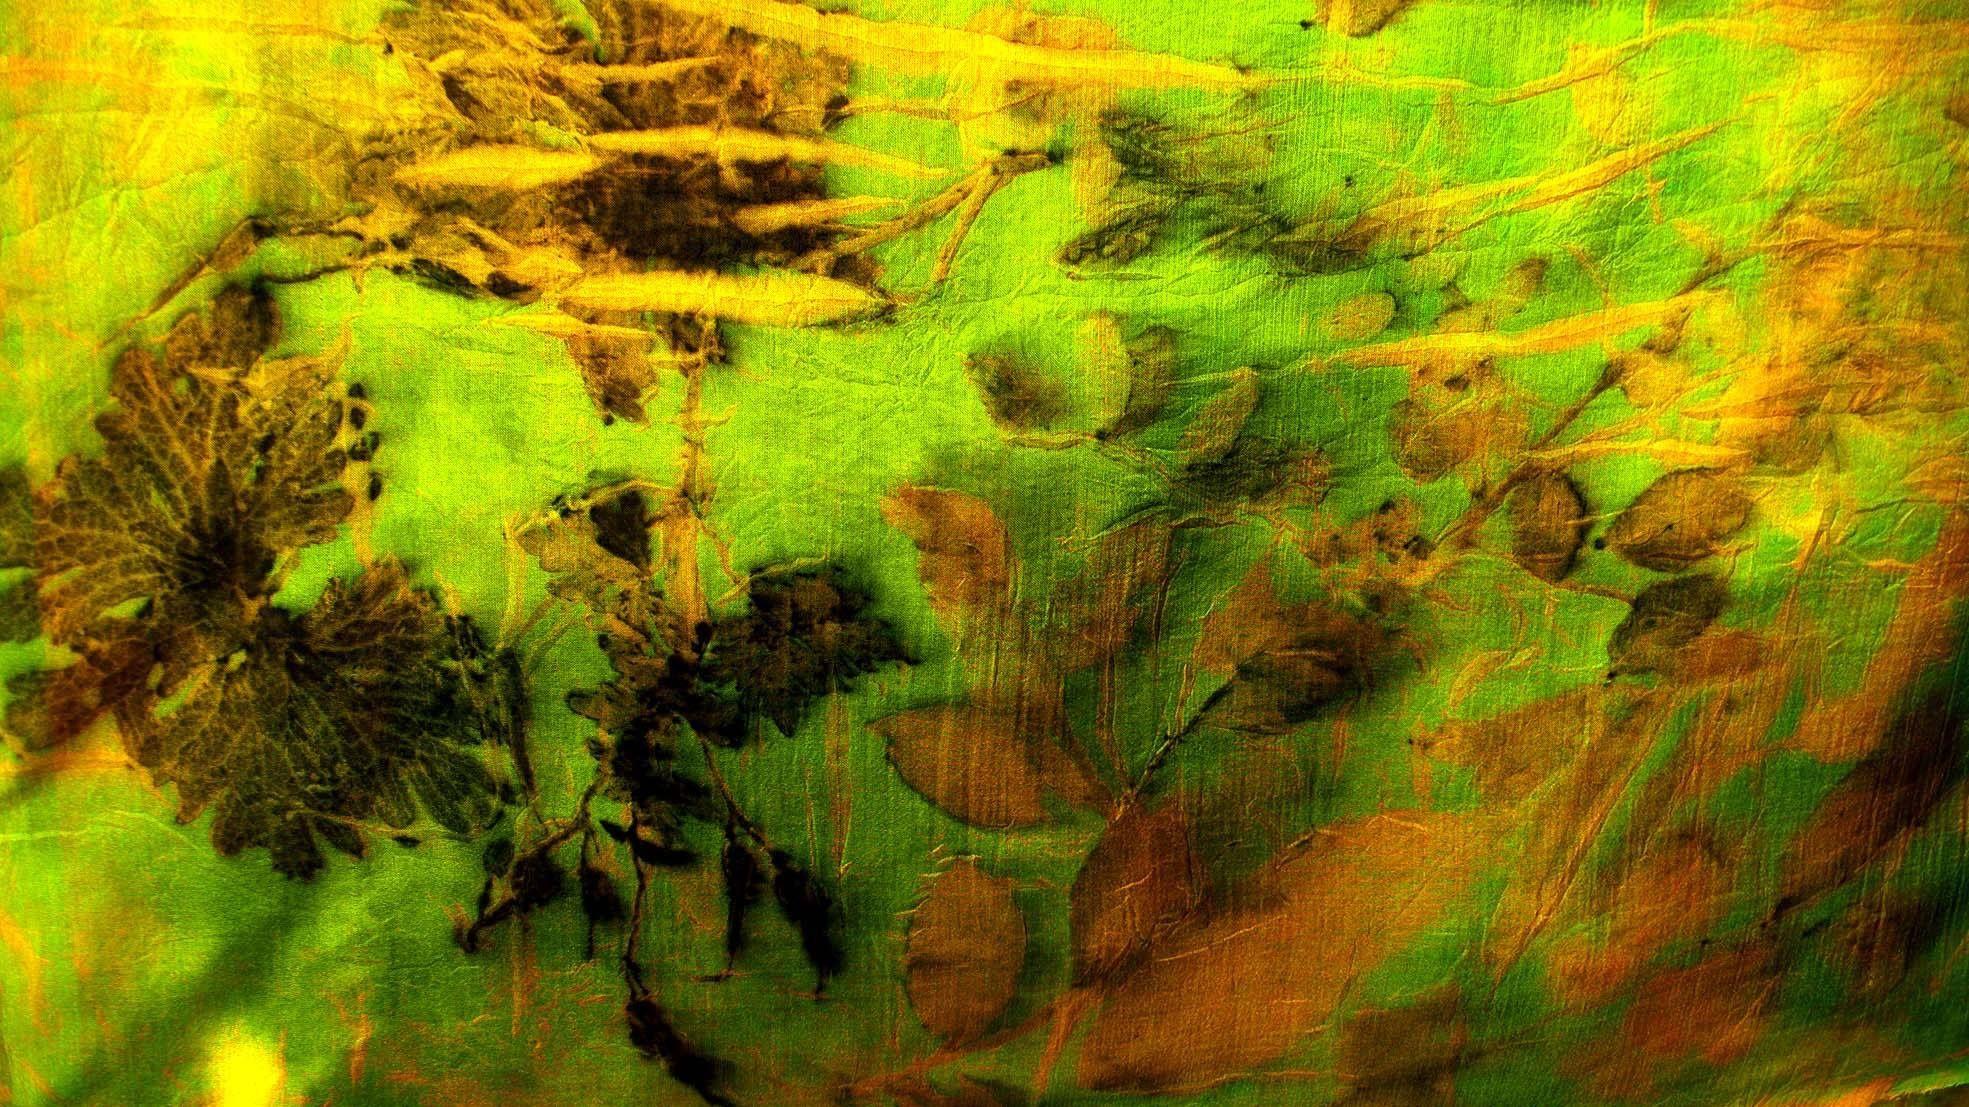 Richard Diebenkorn - Artworks - Susan Sheehan Gallery